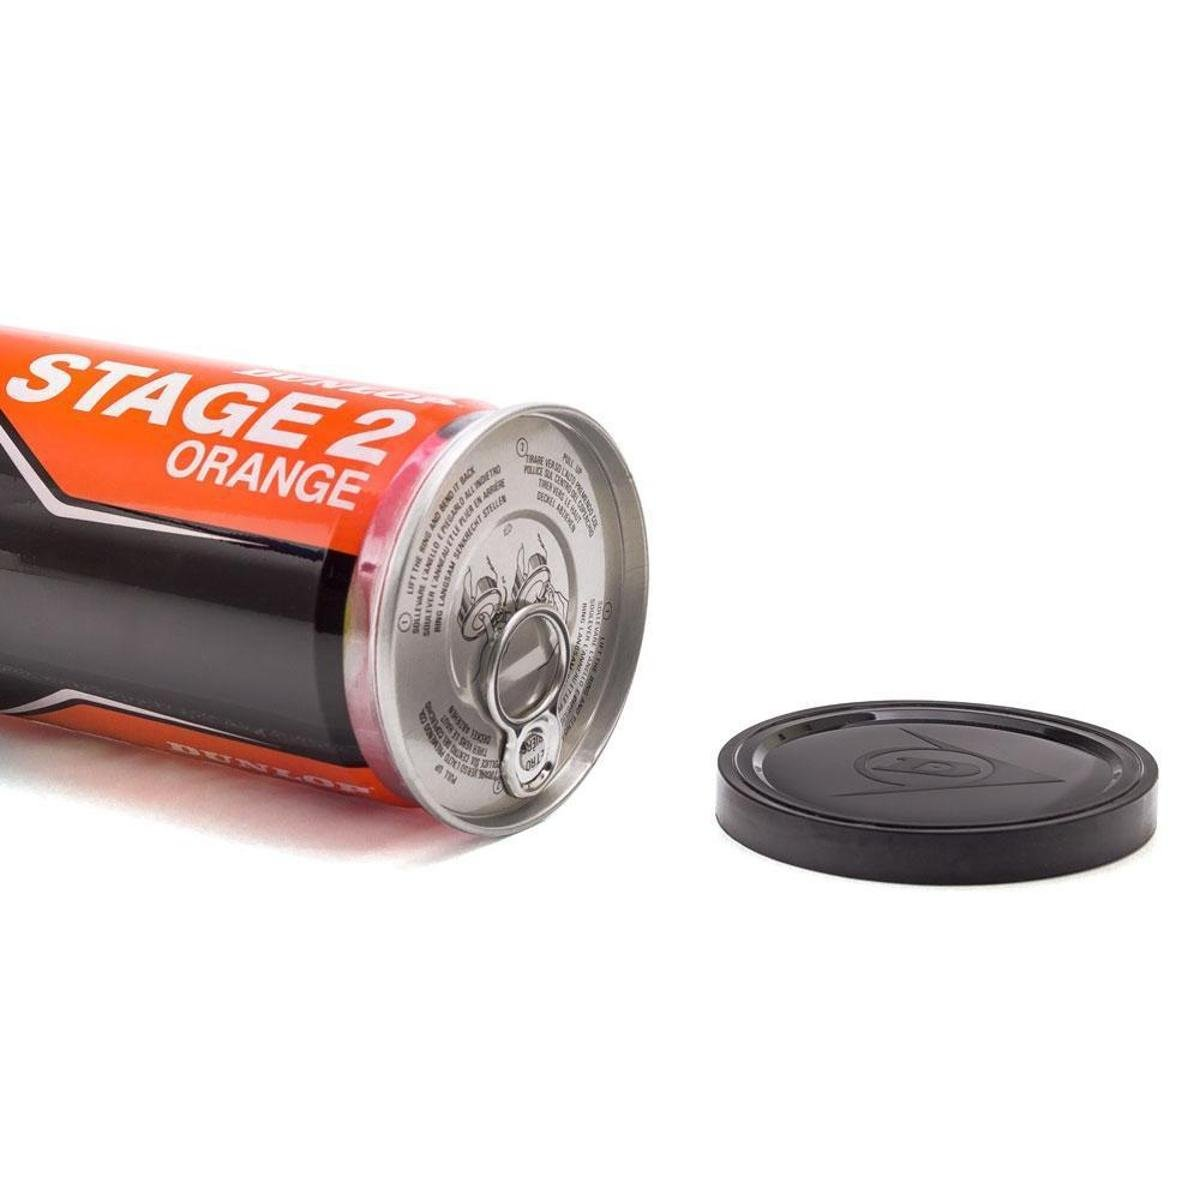 Bola De Tênis Dunlop Stage 2 Orange - Tubo Com 3 Bolas  - PROTENISTA